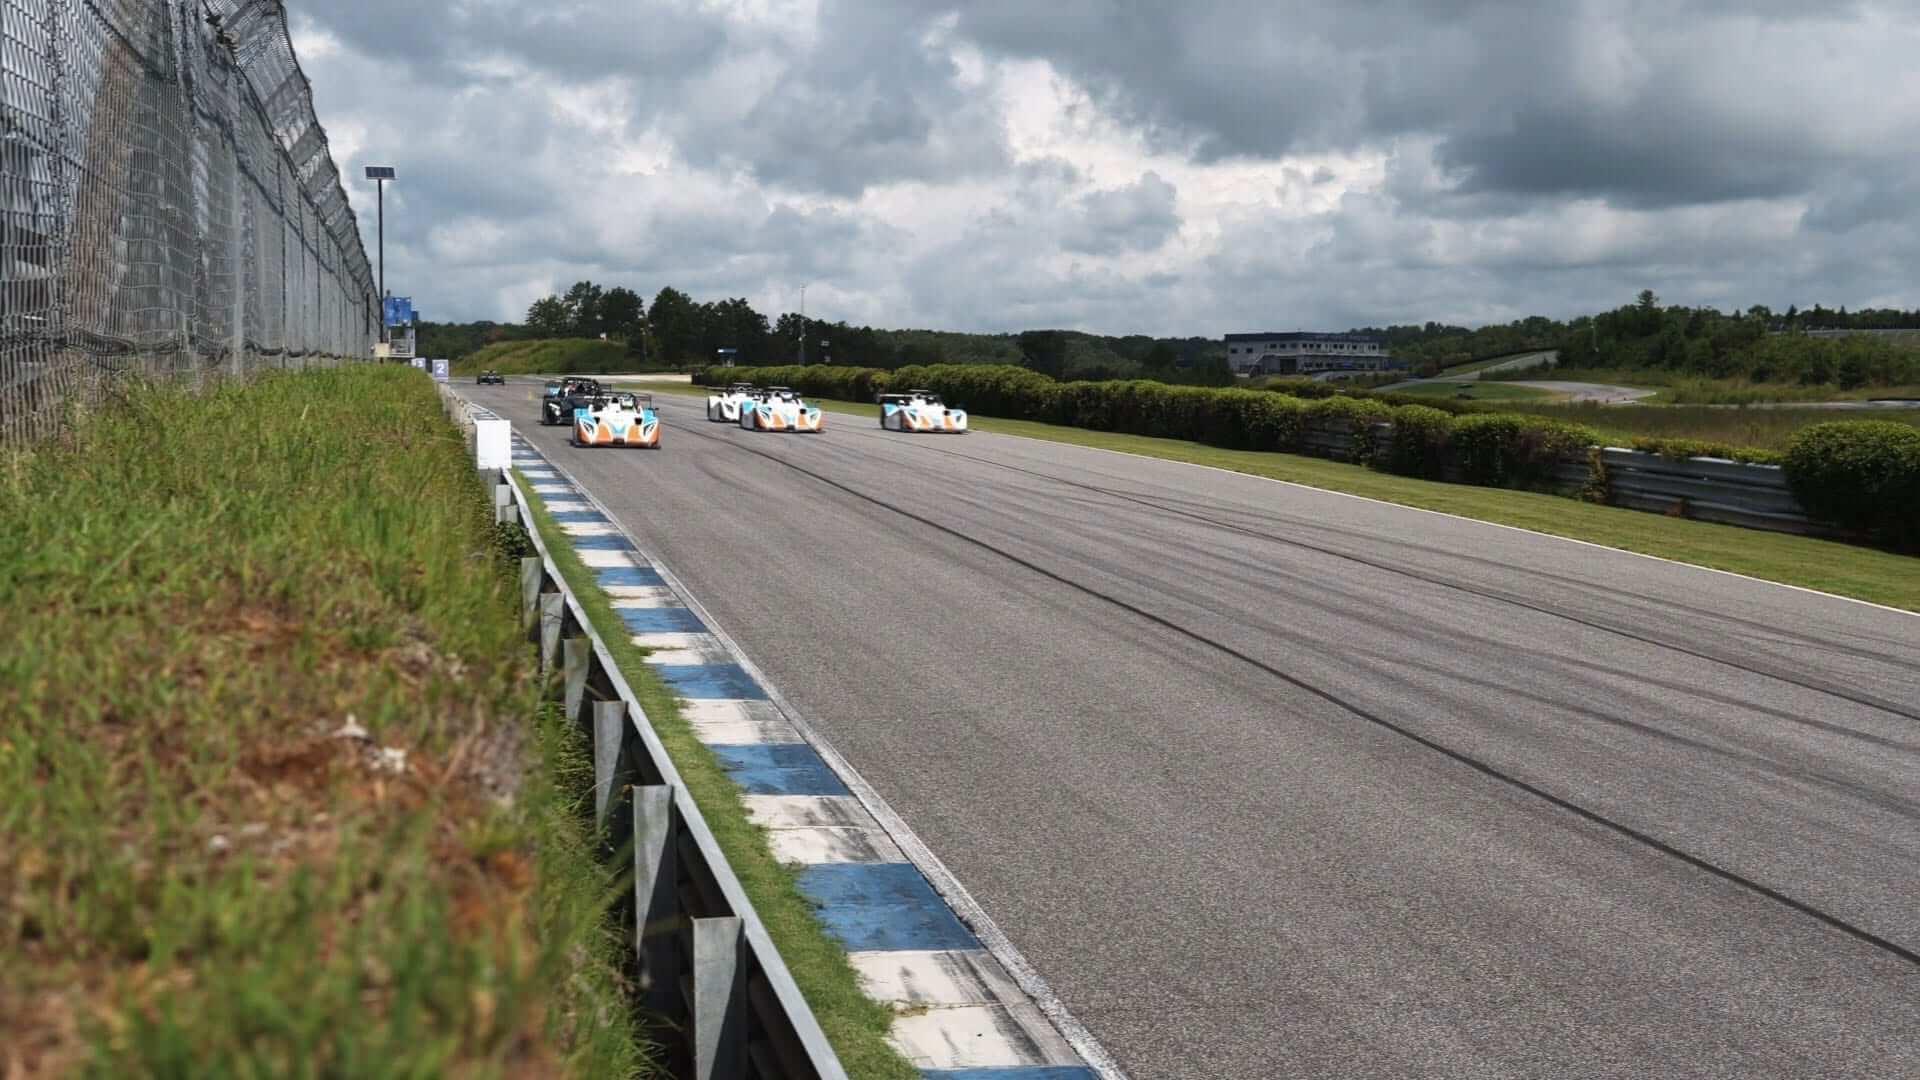 primal raceday screen2 - August Race Report [Video]